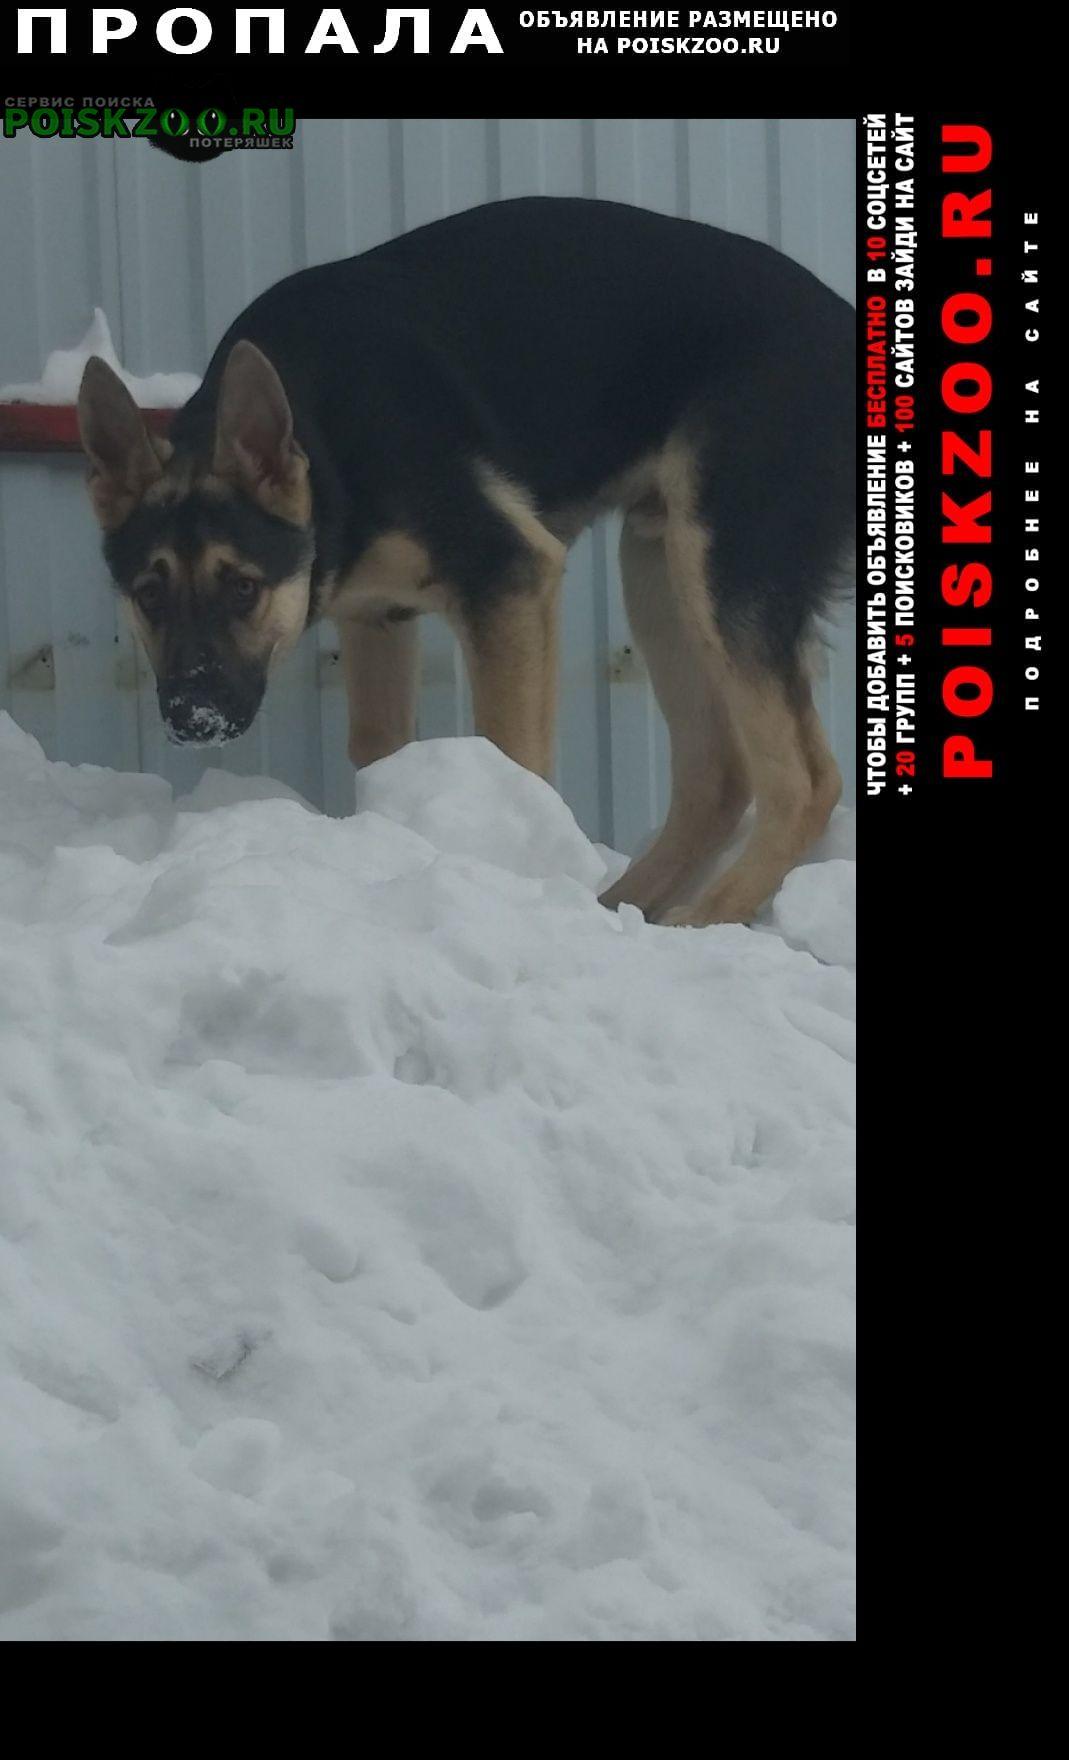 Иглино Пропала собака кобель немецкая овчарка, 7 месяцев, 15